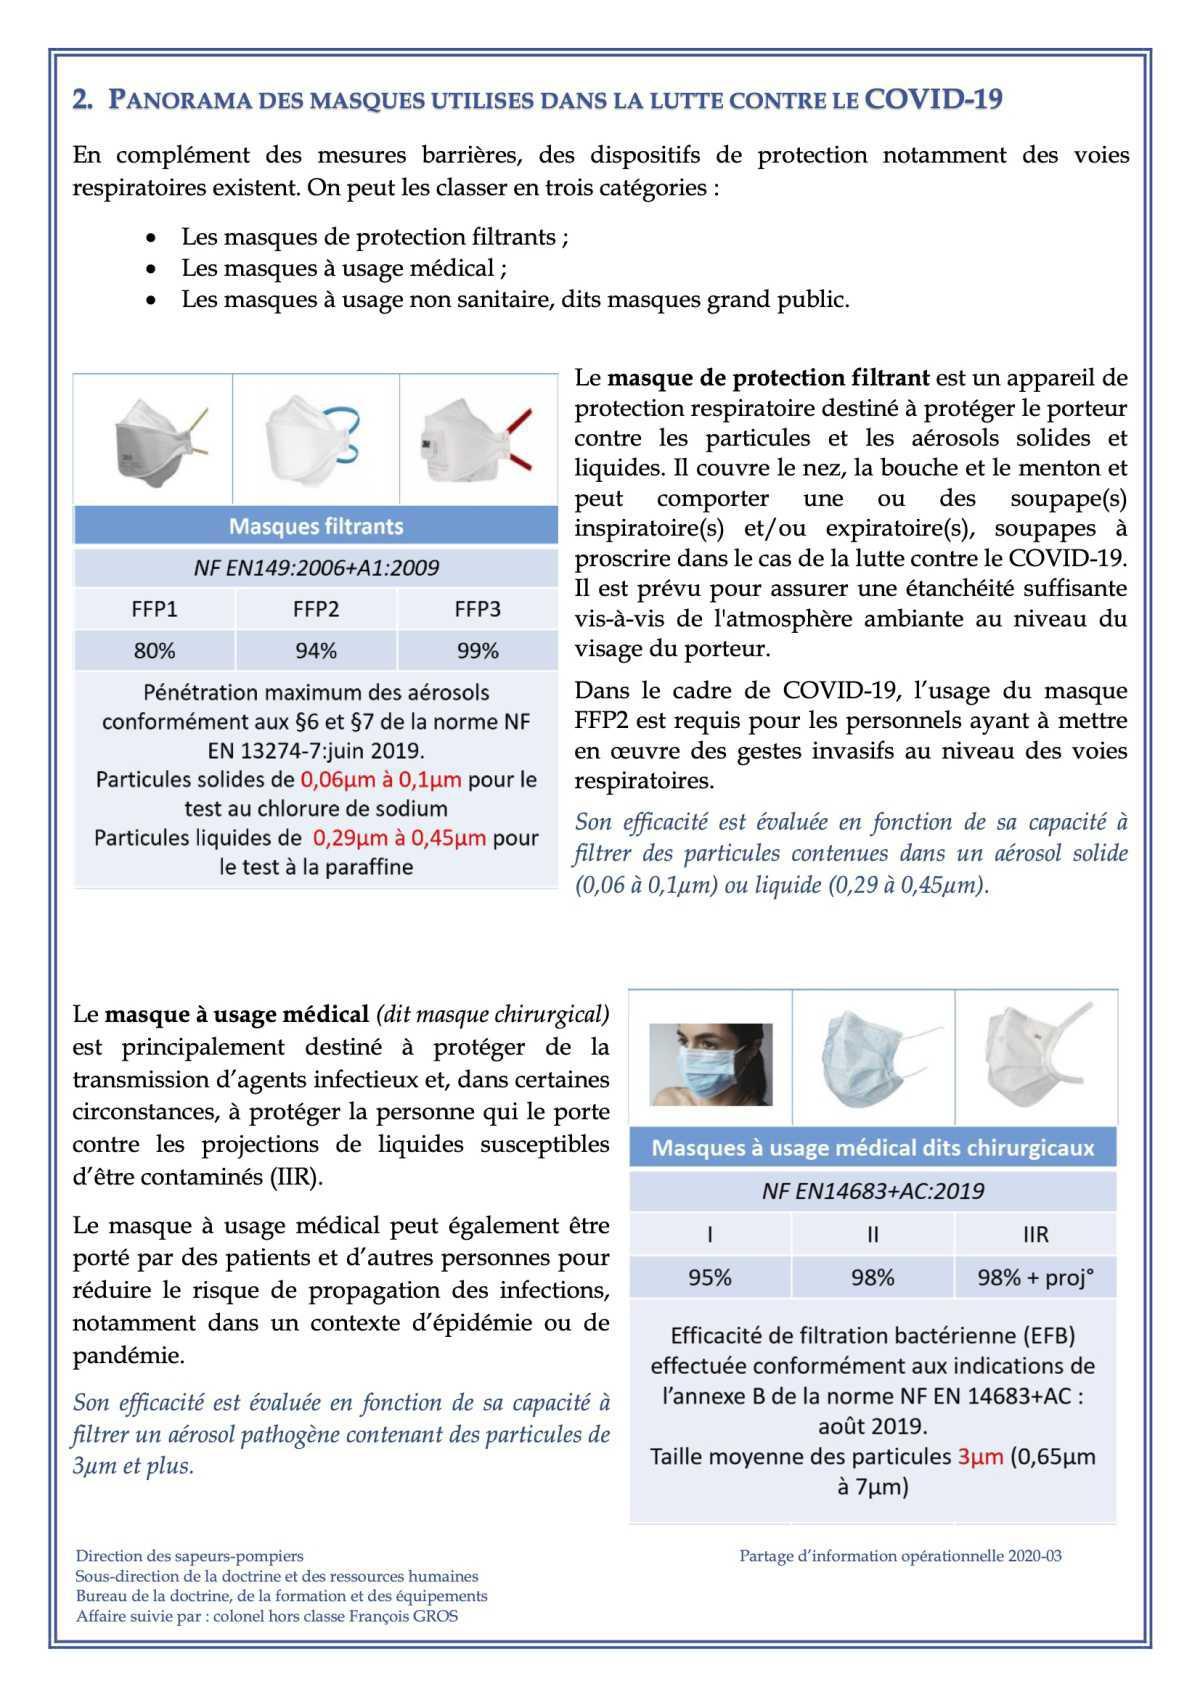 """PIO-Emploi des masque dits """" Grand public """"-DGSCGC"""